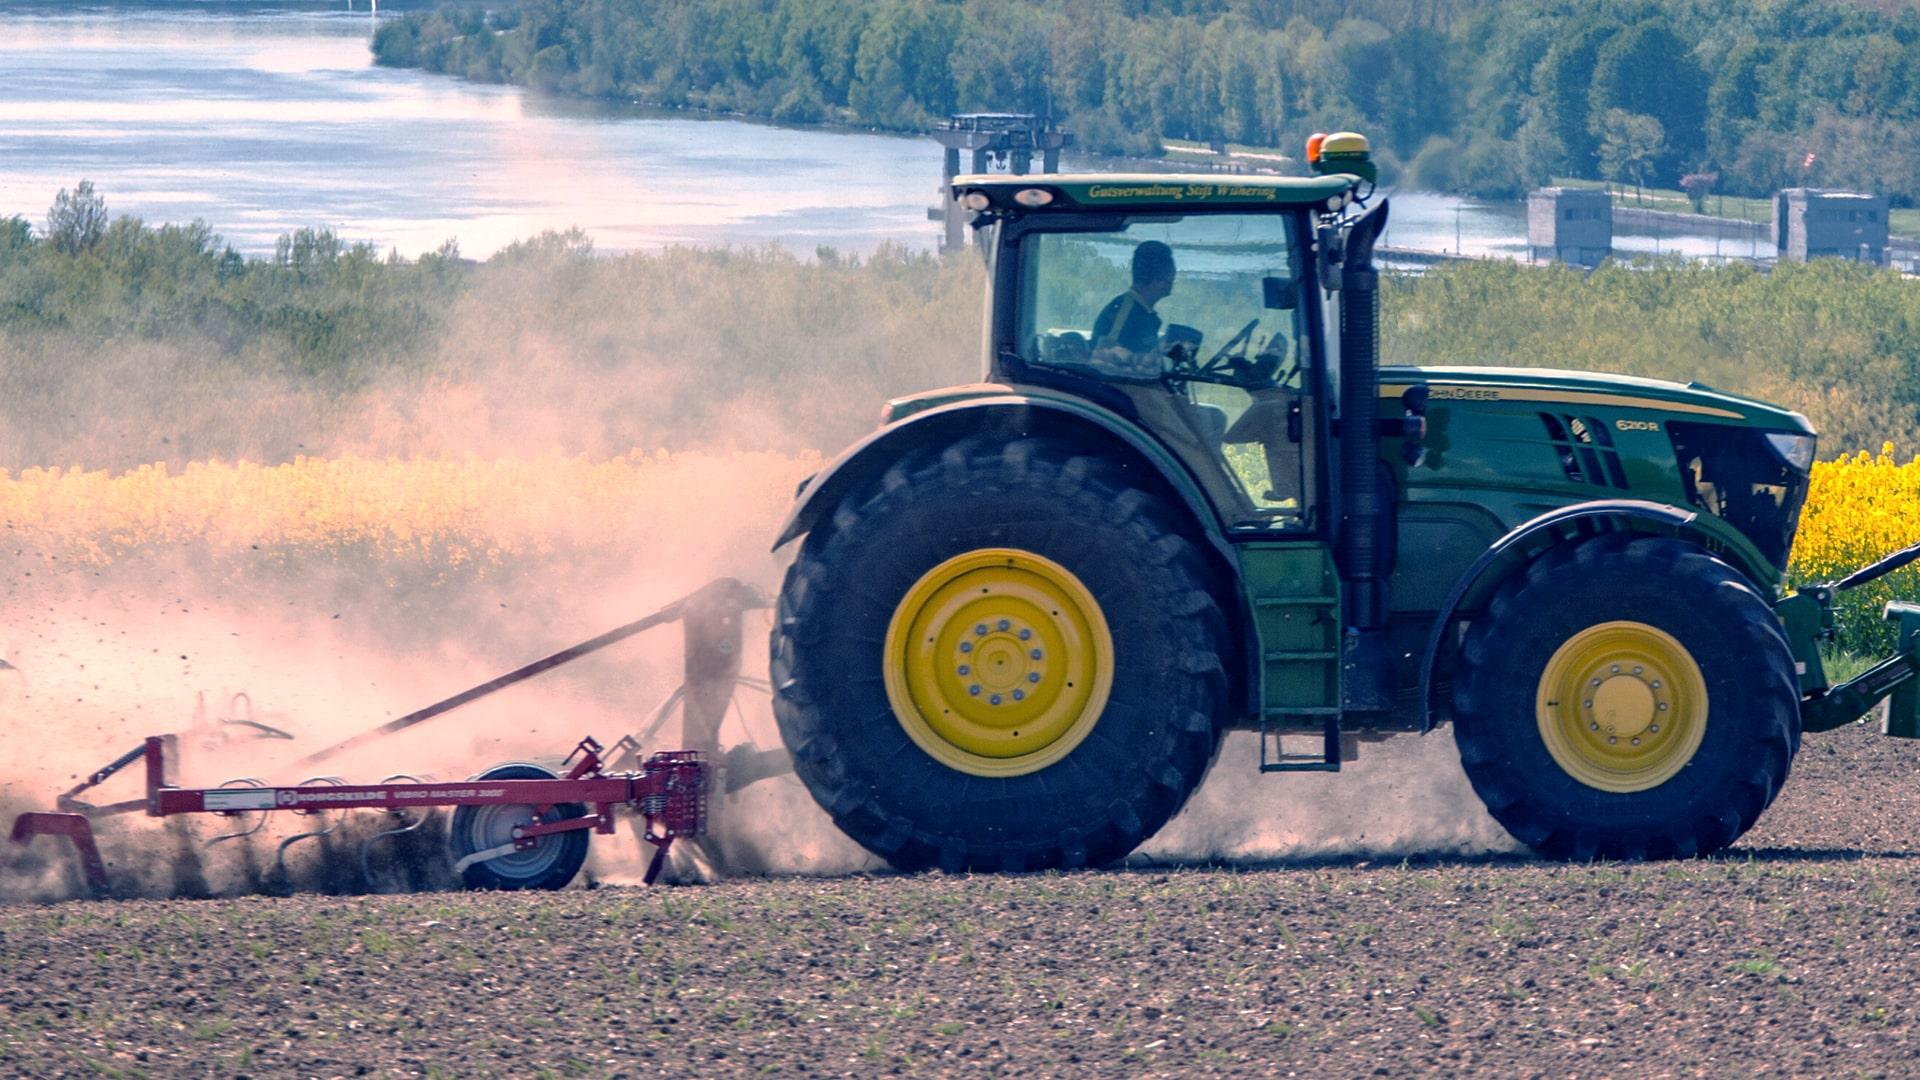 На Forum.Digital Agroindustry эксперт «КАДФЕМ Си-Ай-Эс» расскажет, как создать цифровой двойник сельскохозяйственного оборудования